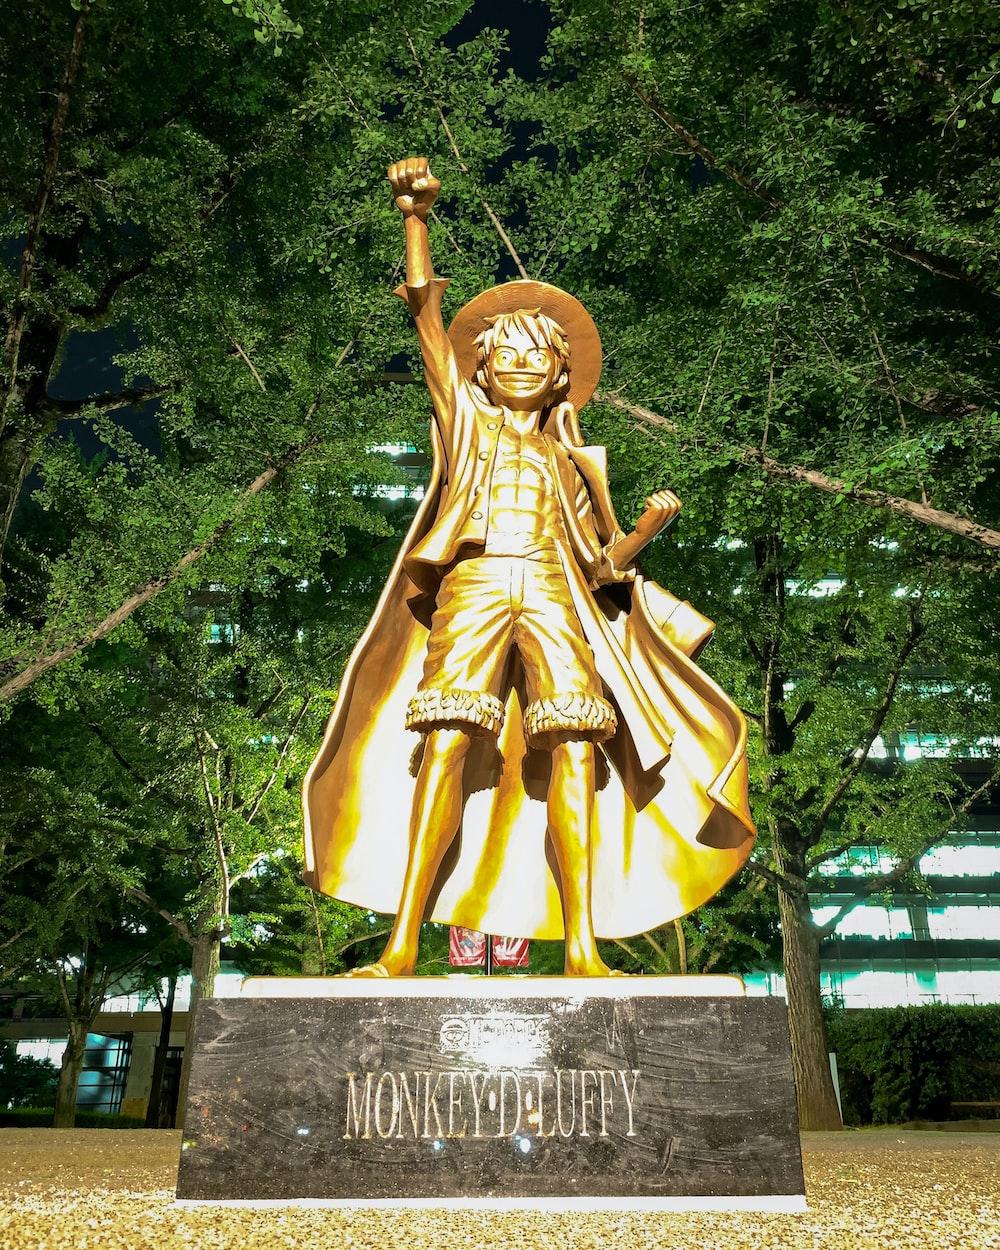 Monkey Luffy statue